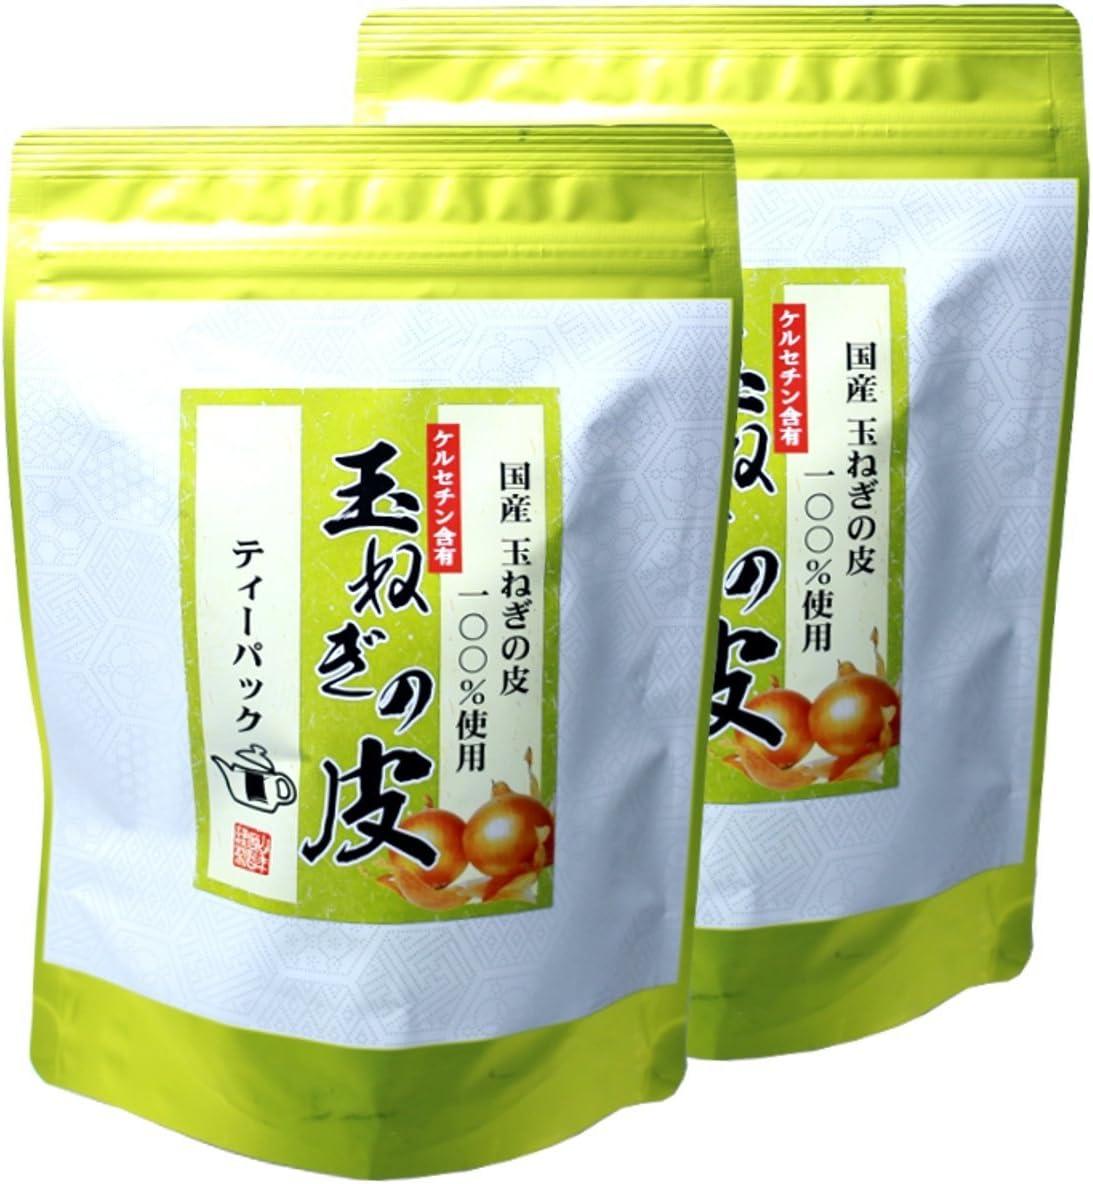 たまねぎのチカラ(お茶)ホット/アイス/ティーパックタイプ/国内産玉ねぎ皮100%使用/ケルセチン/健康茶/タマネギ/玉葱/玉ネギ/力